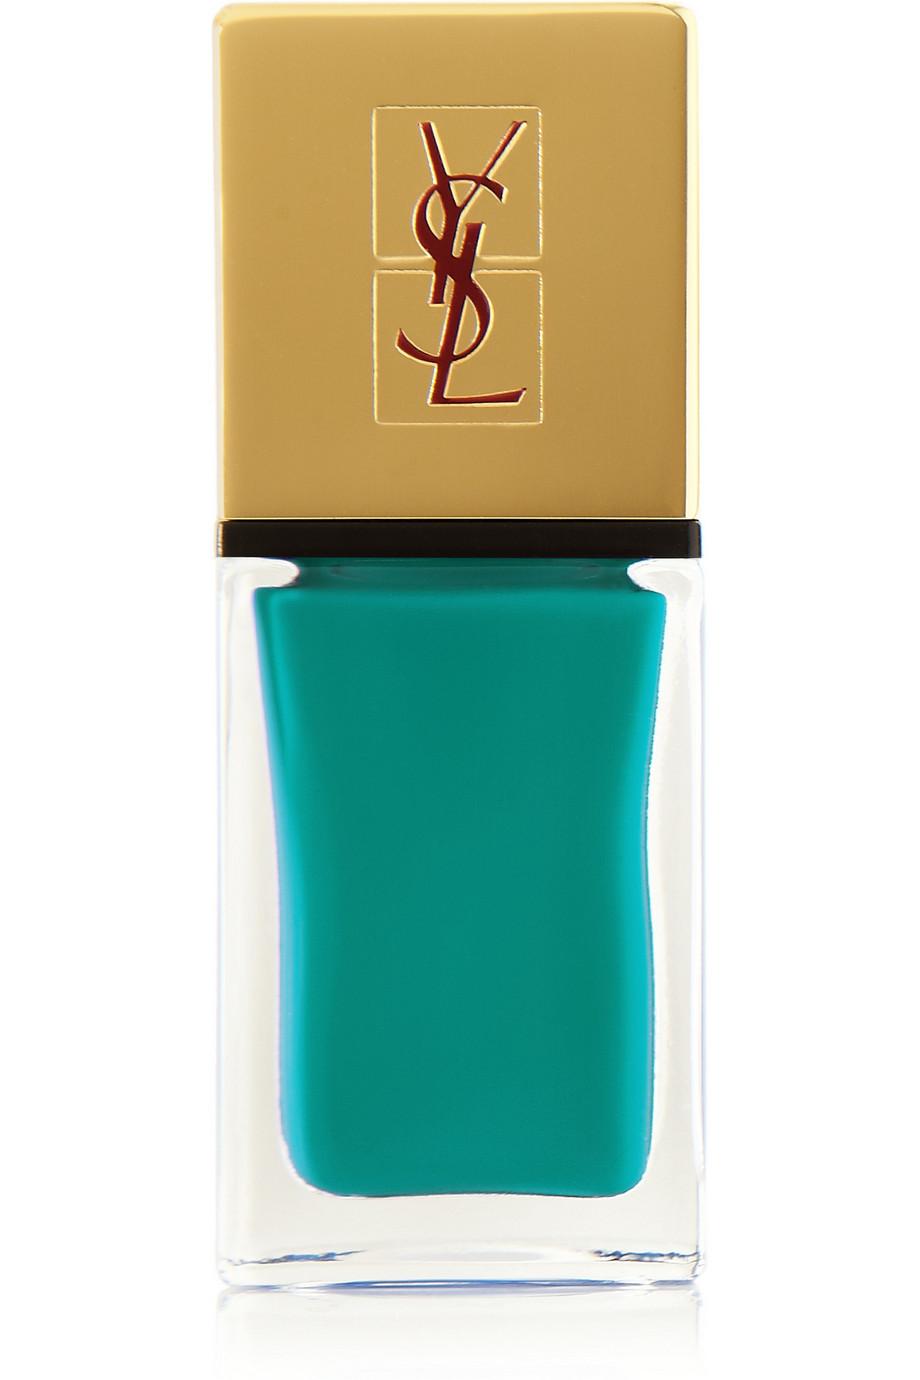 La Laque Couture Nail Lacquer - Vert D'orient 36, by Yves Saint Laurent Beauty